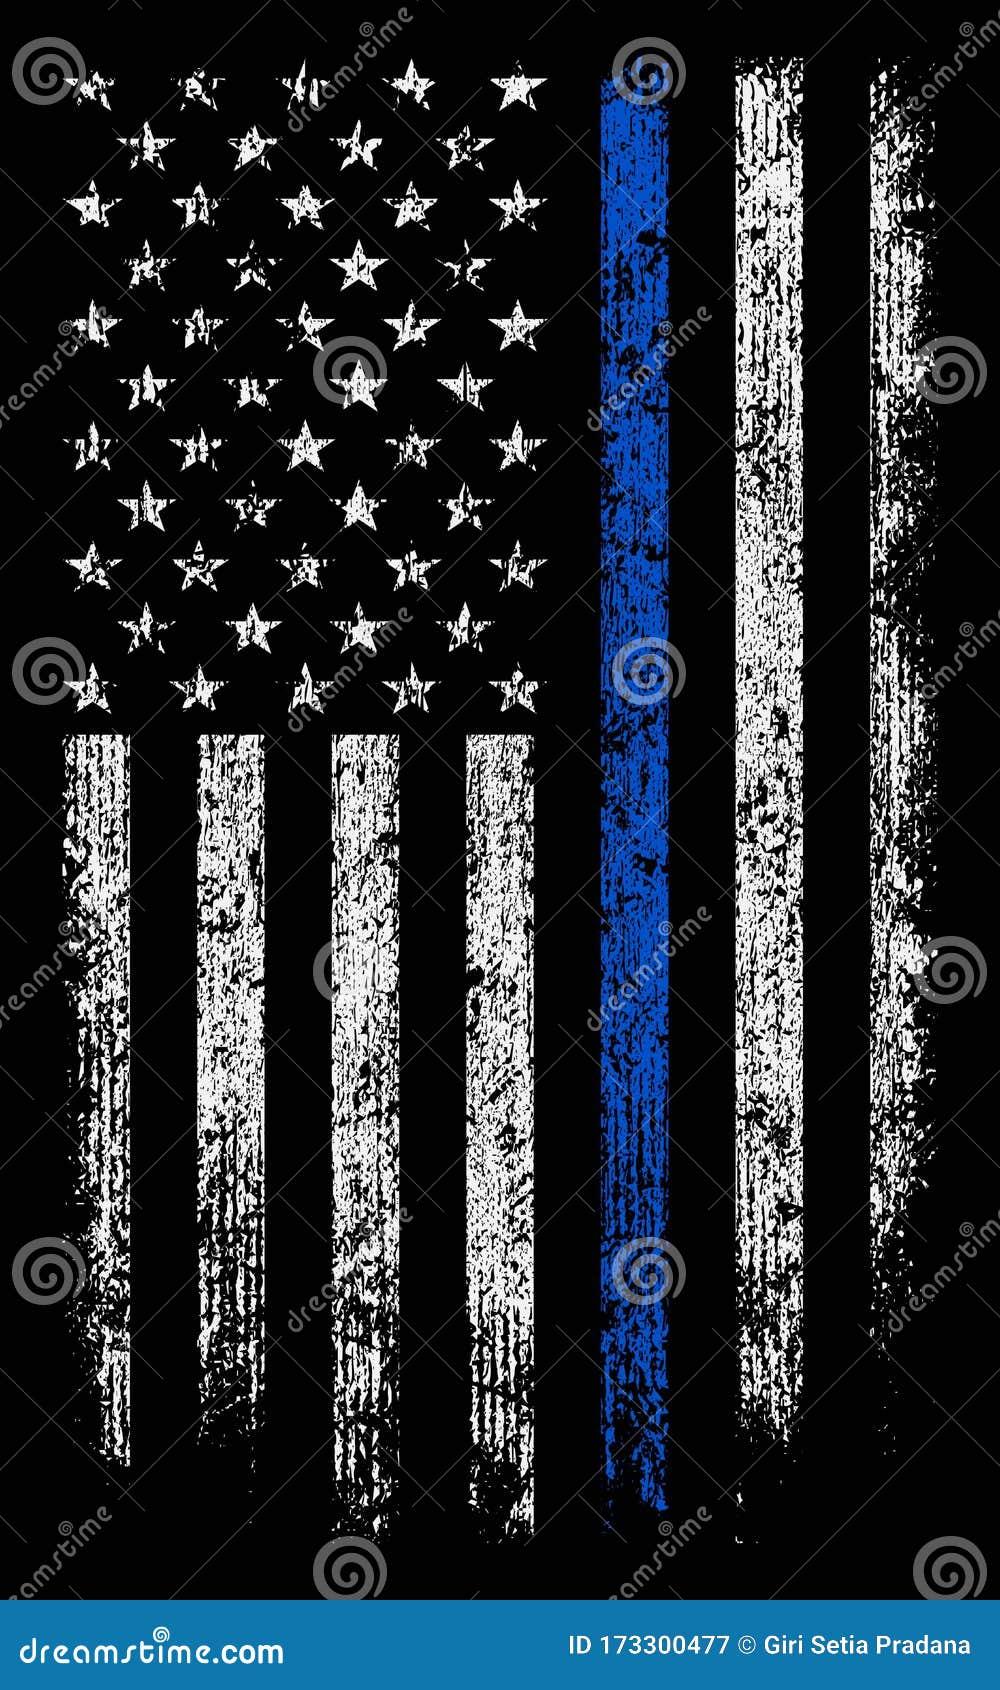 蓝线薄壁纸 背景库的格朗基美国警察库存例证 插画包括有背景库的格朗基美国警察 蓝线薄壁纸